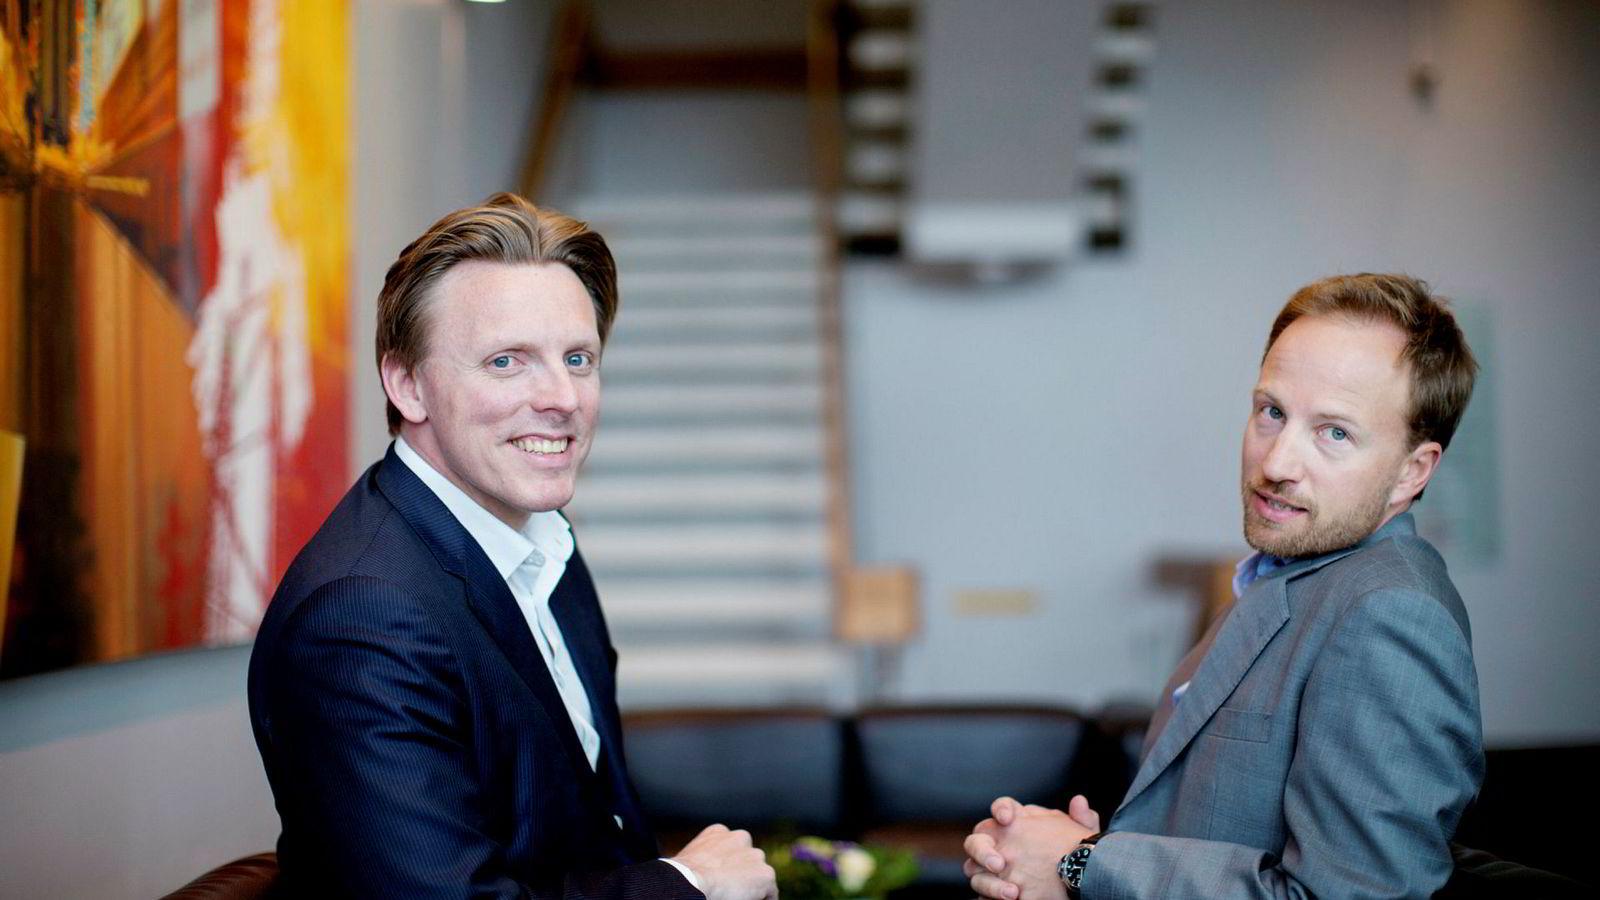 Oppkjøpsfondet EQT og de norske partnerne Anders Misund (til venstre) og Christian Sinding har fått en flying start som børsnotert selskap.